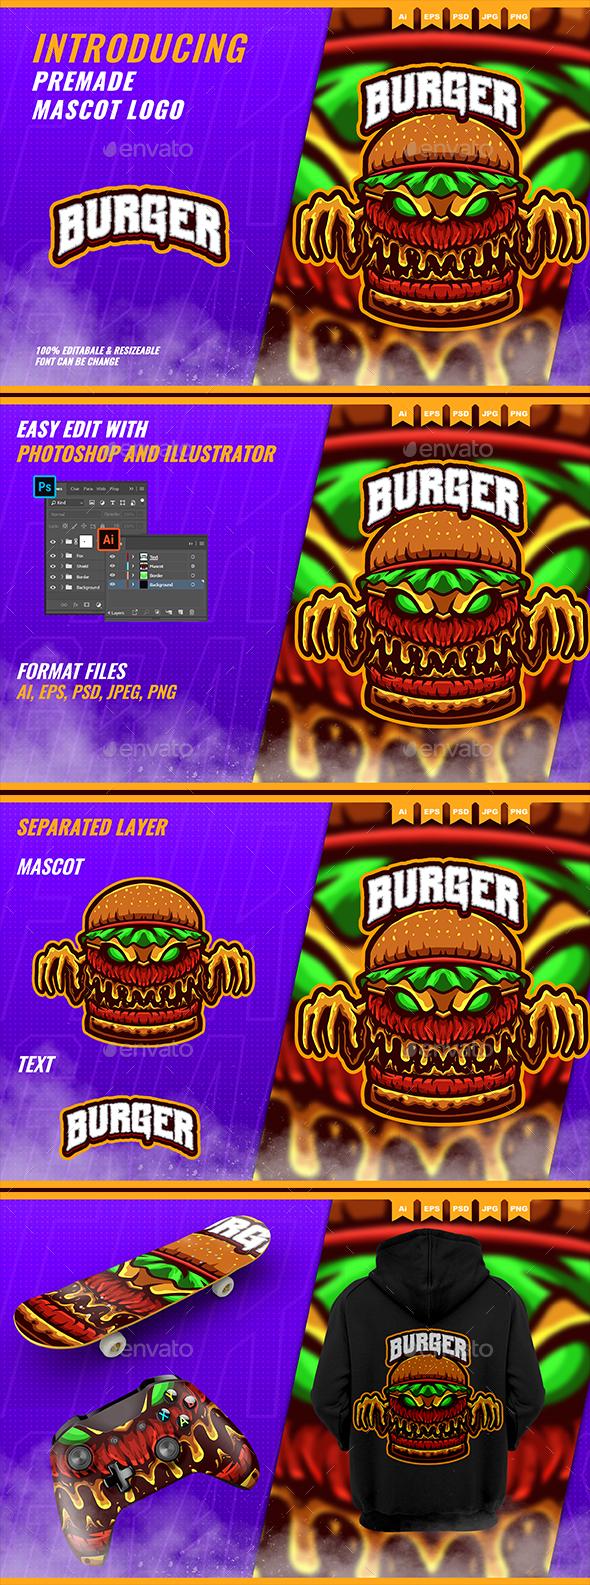 The Burger Monster 2 - Mascot Esport Logo Template